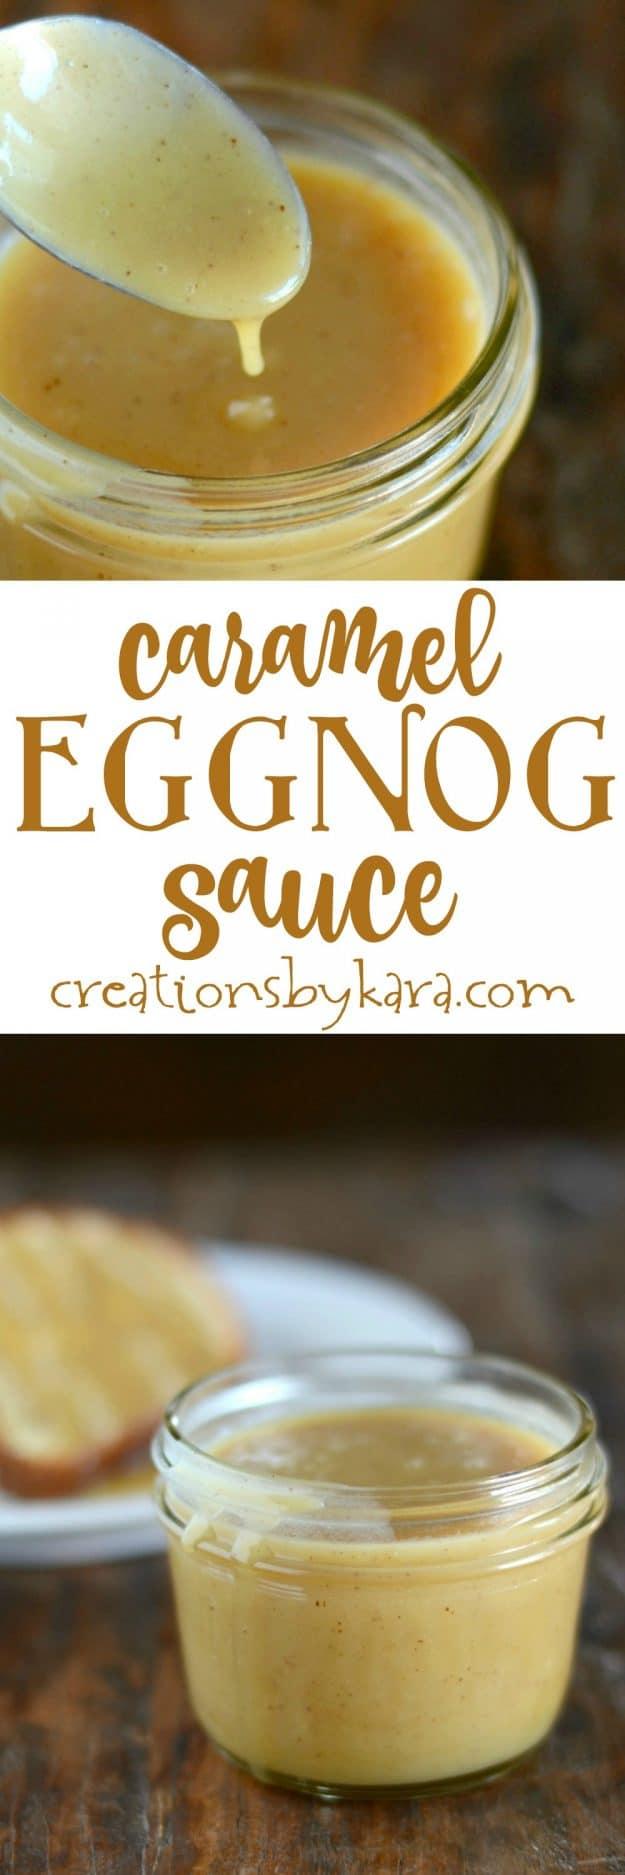 Eggnog Ice Cream Recipe Food Network